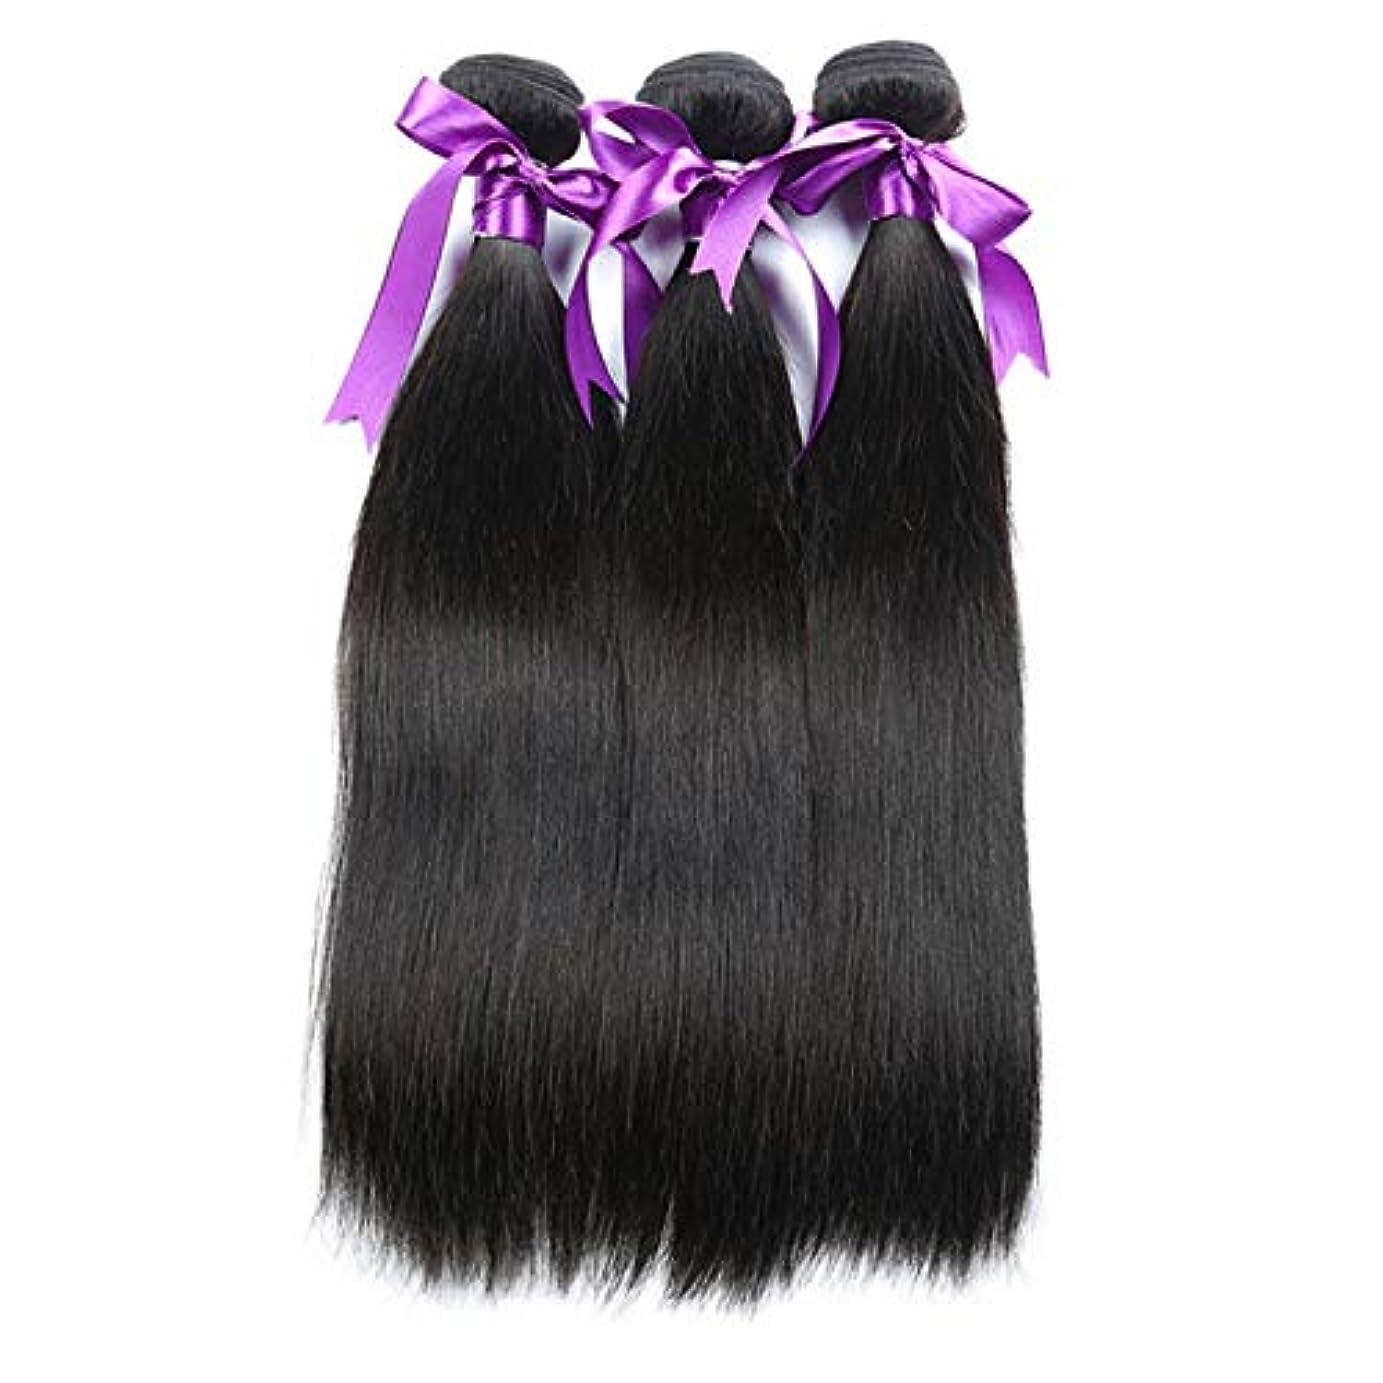 未満広々とした可動かつら 髪ペルーストレートヘア3個人毛バンドル非Remyヘアエクステンション8-28インチ (Length : 12 14 14)